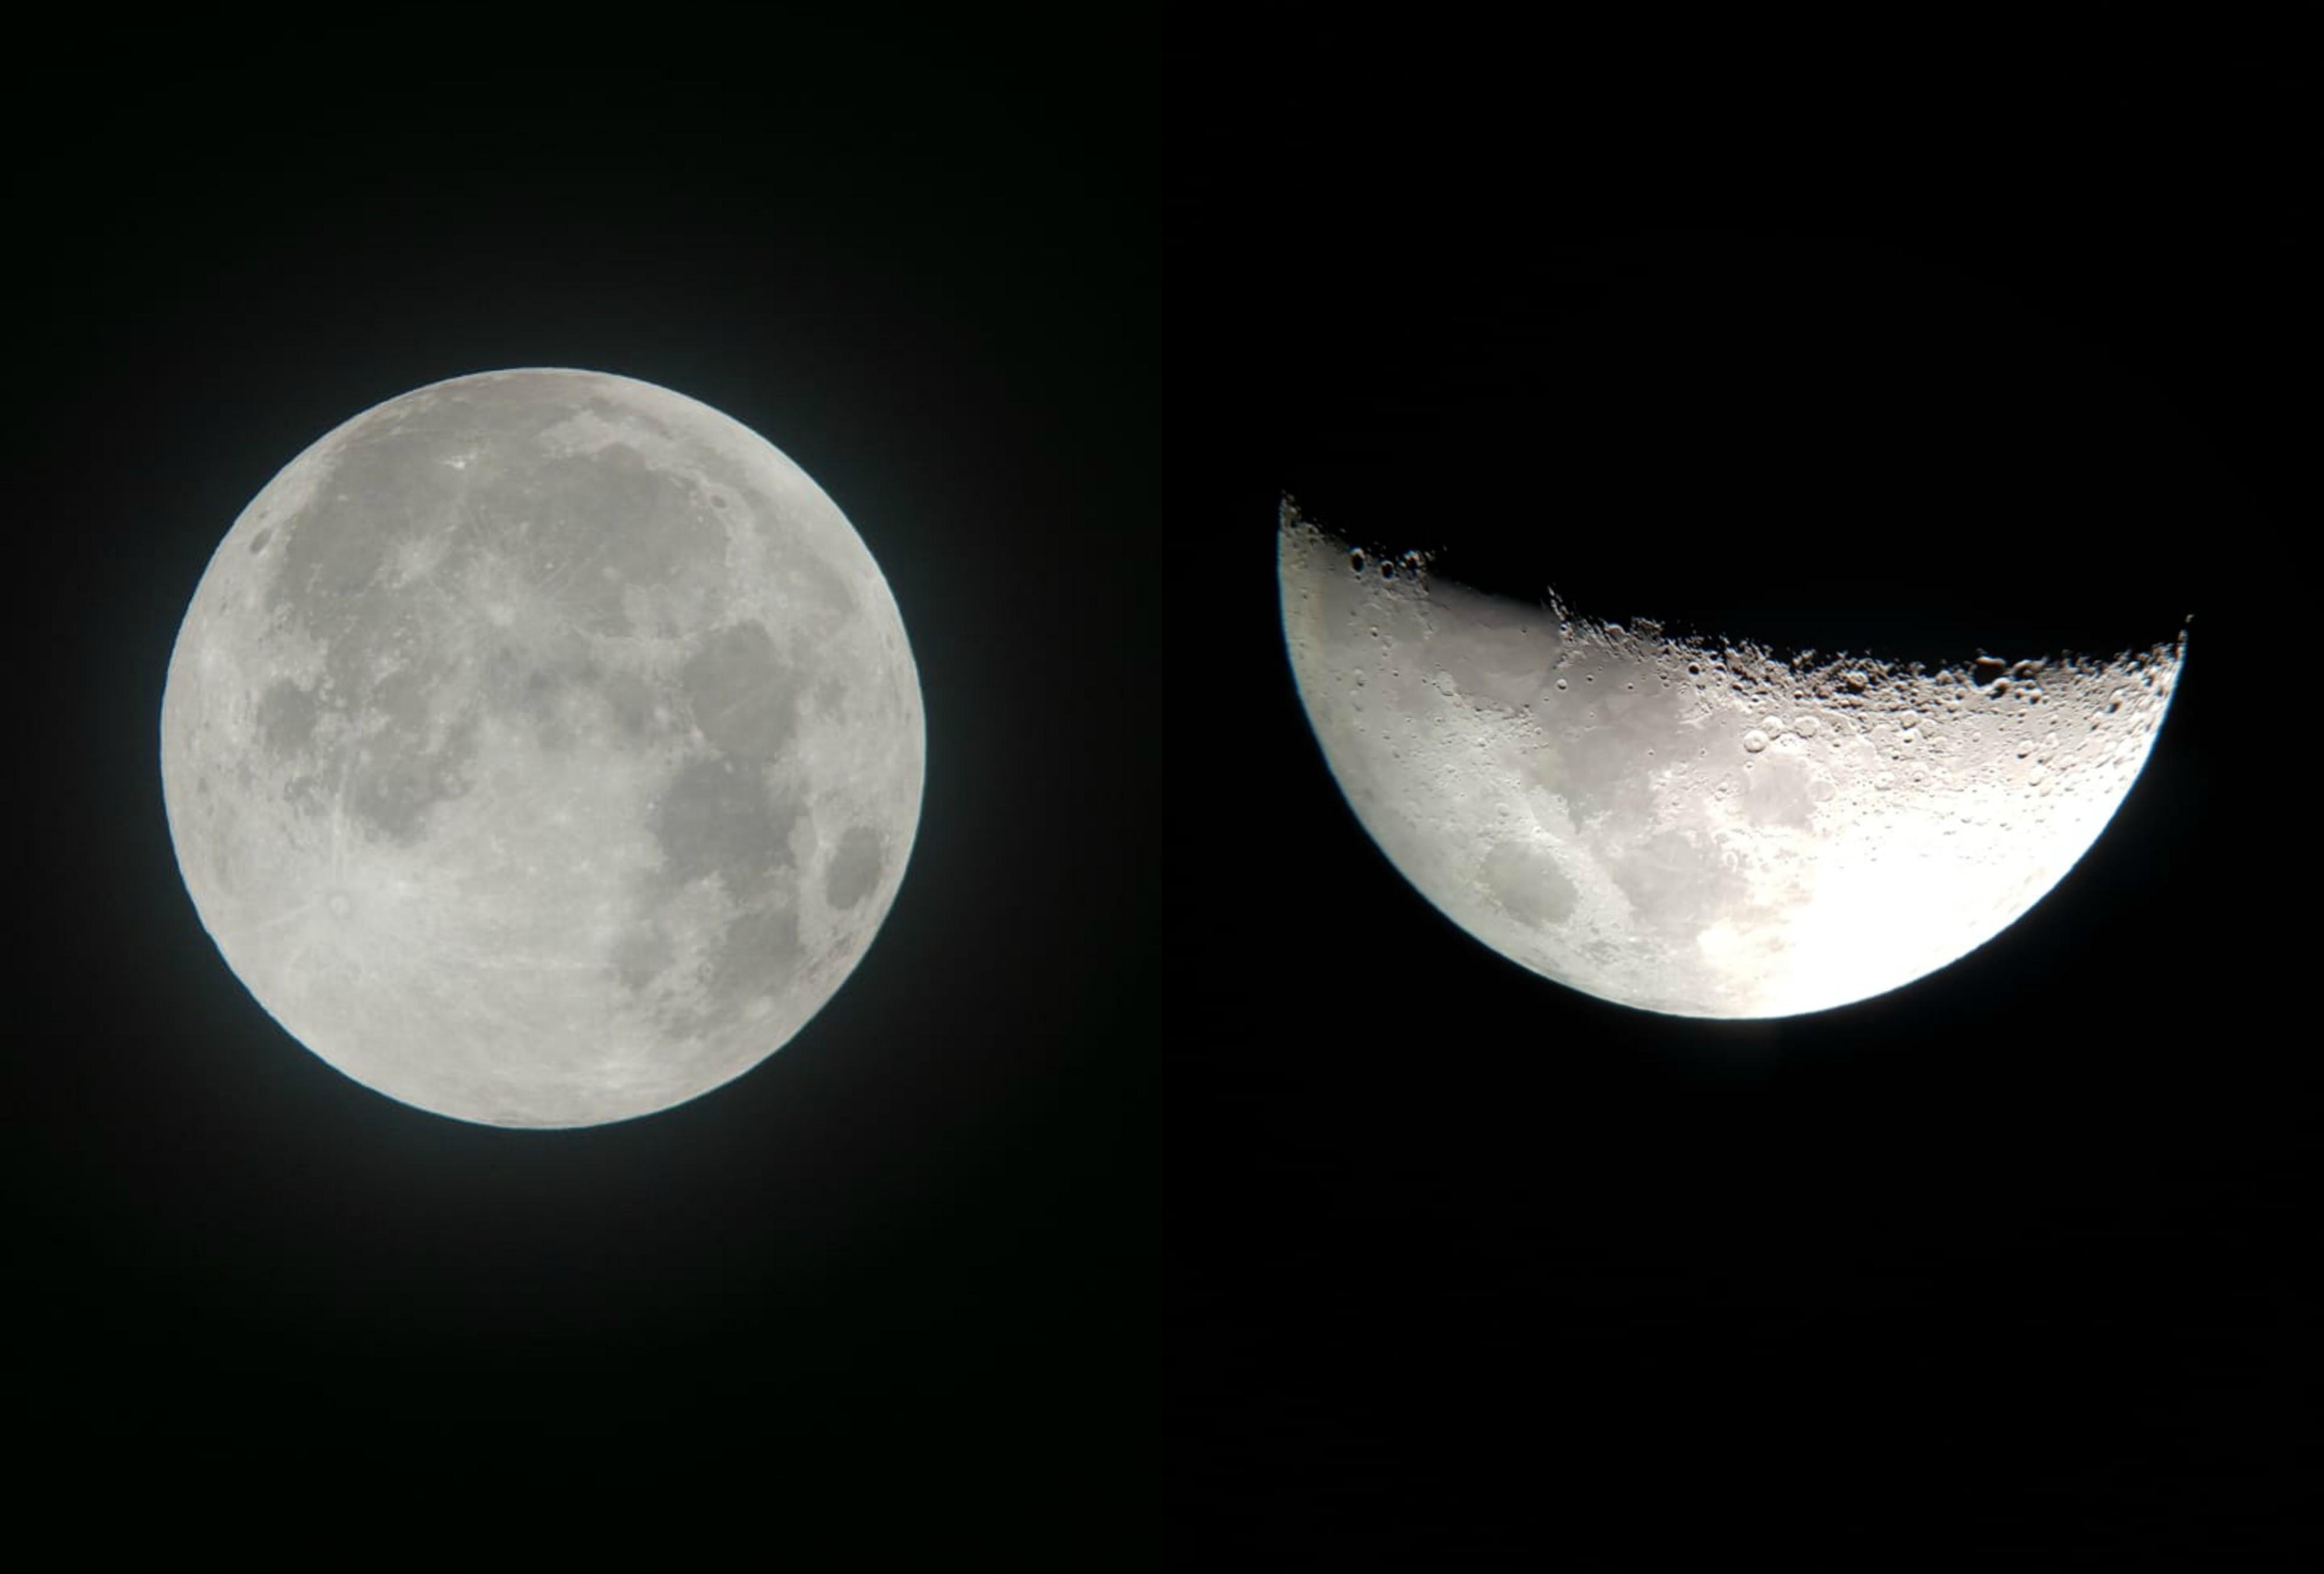 Live transmite alinhamento da Lua com Júpiter e Saturno em São Luís: 'Conversa com os planetas'